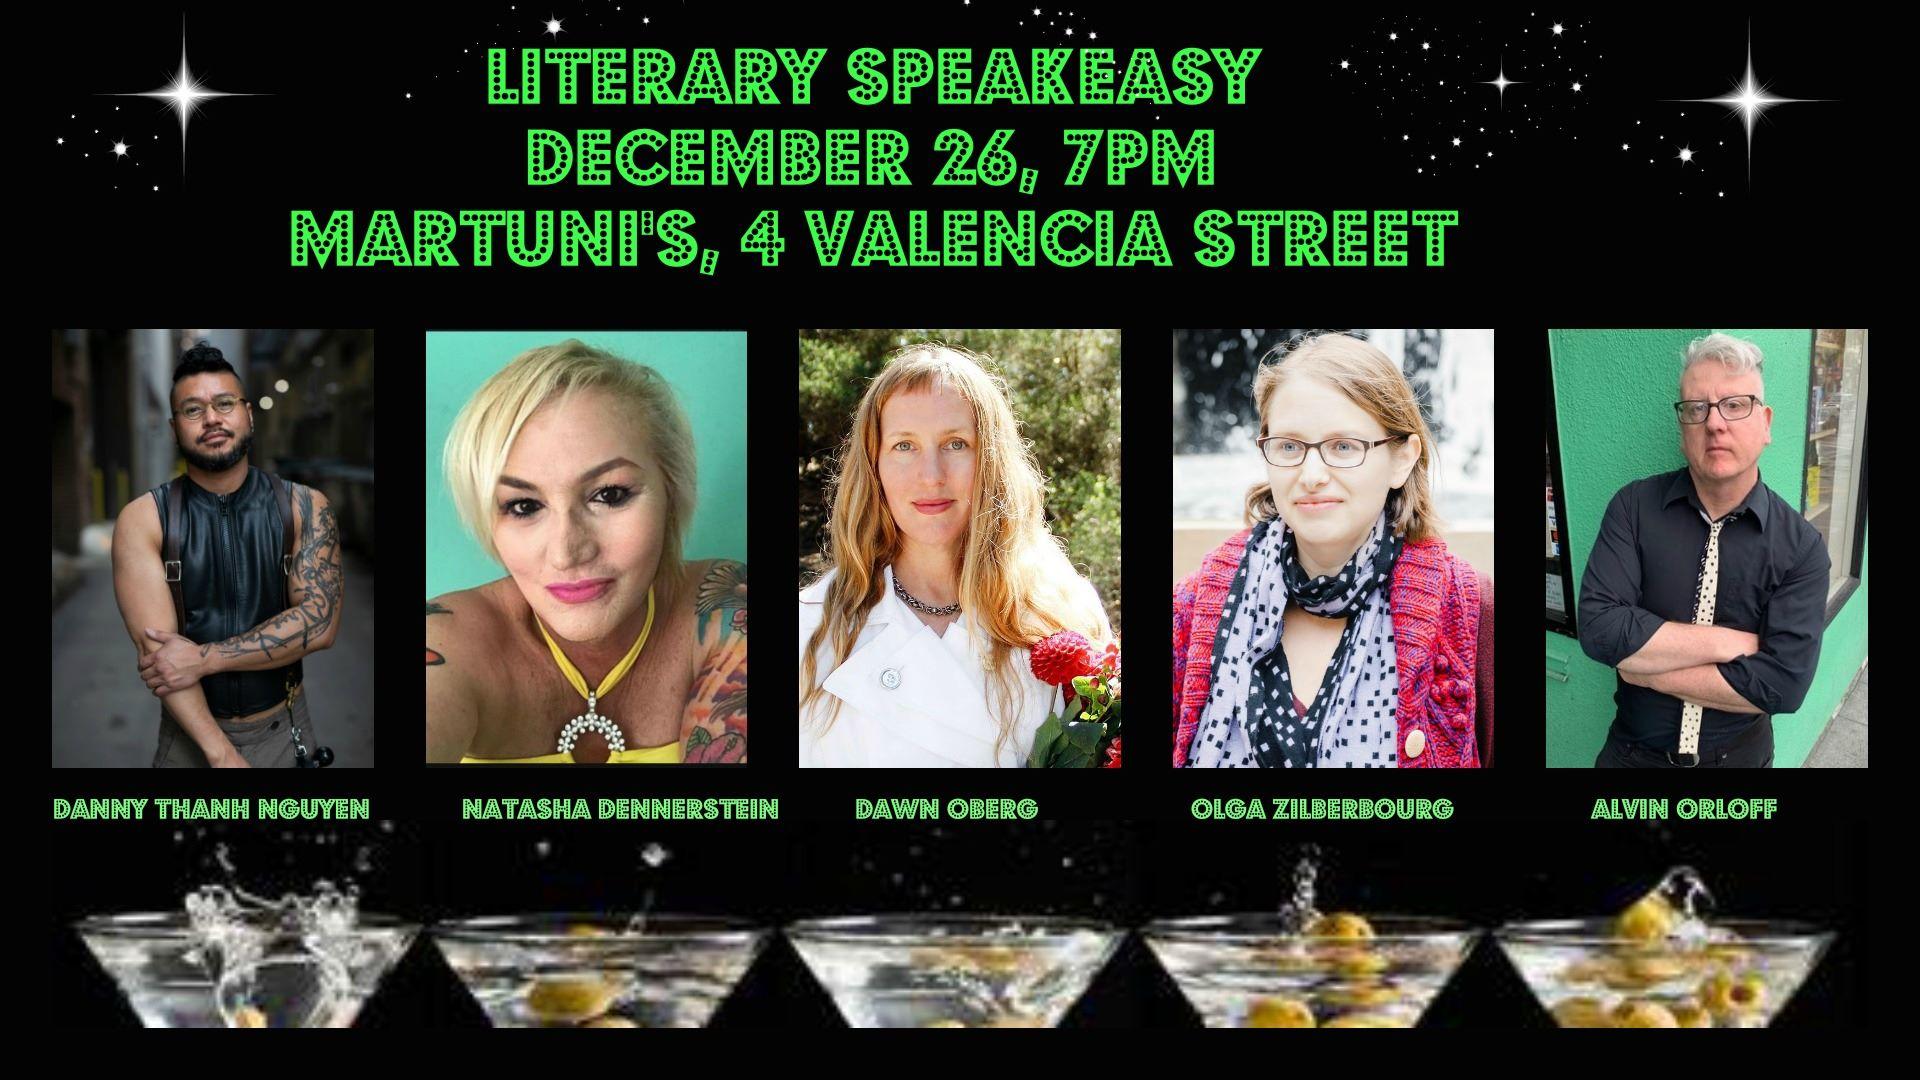 flier for Literary Speakeasy